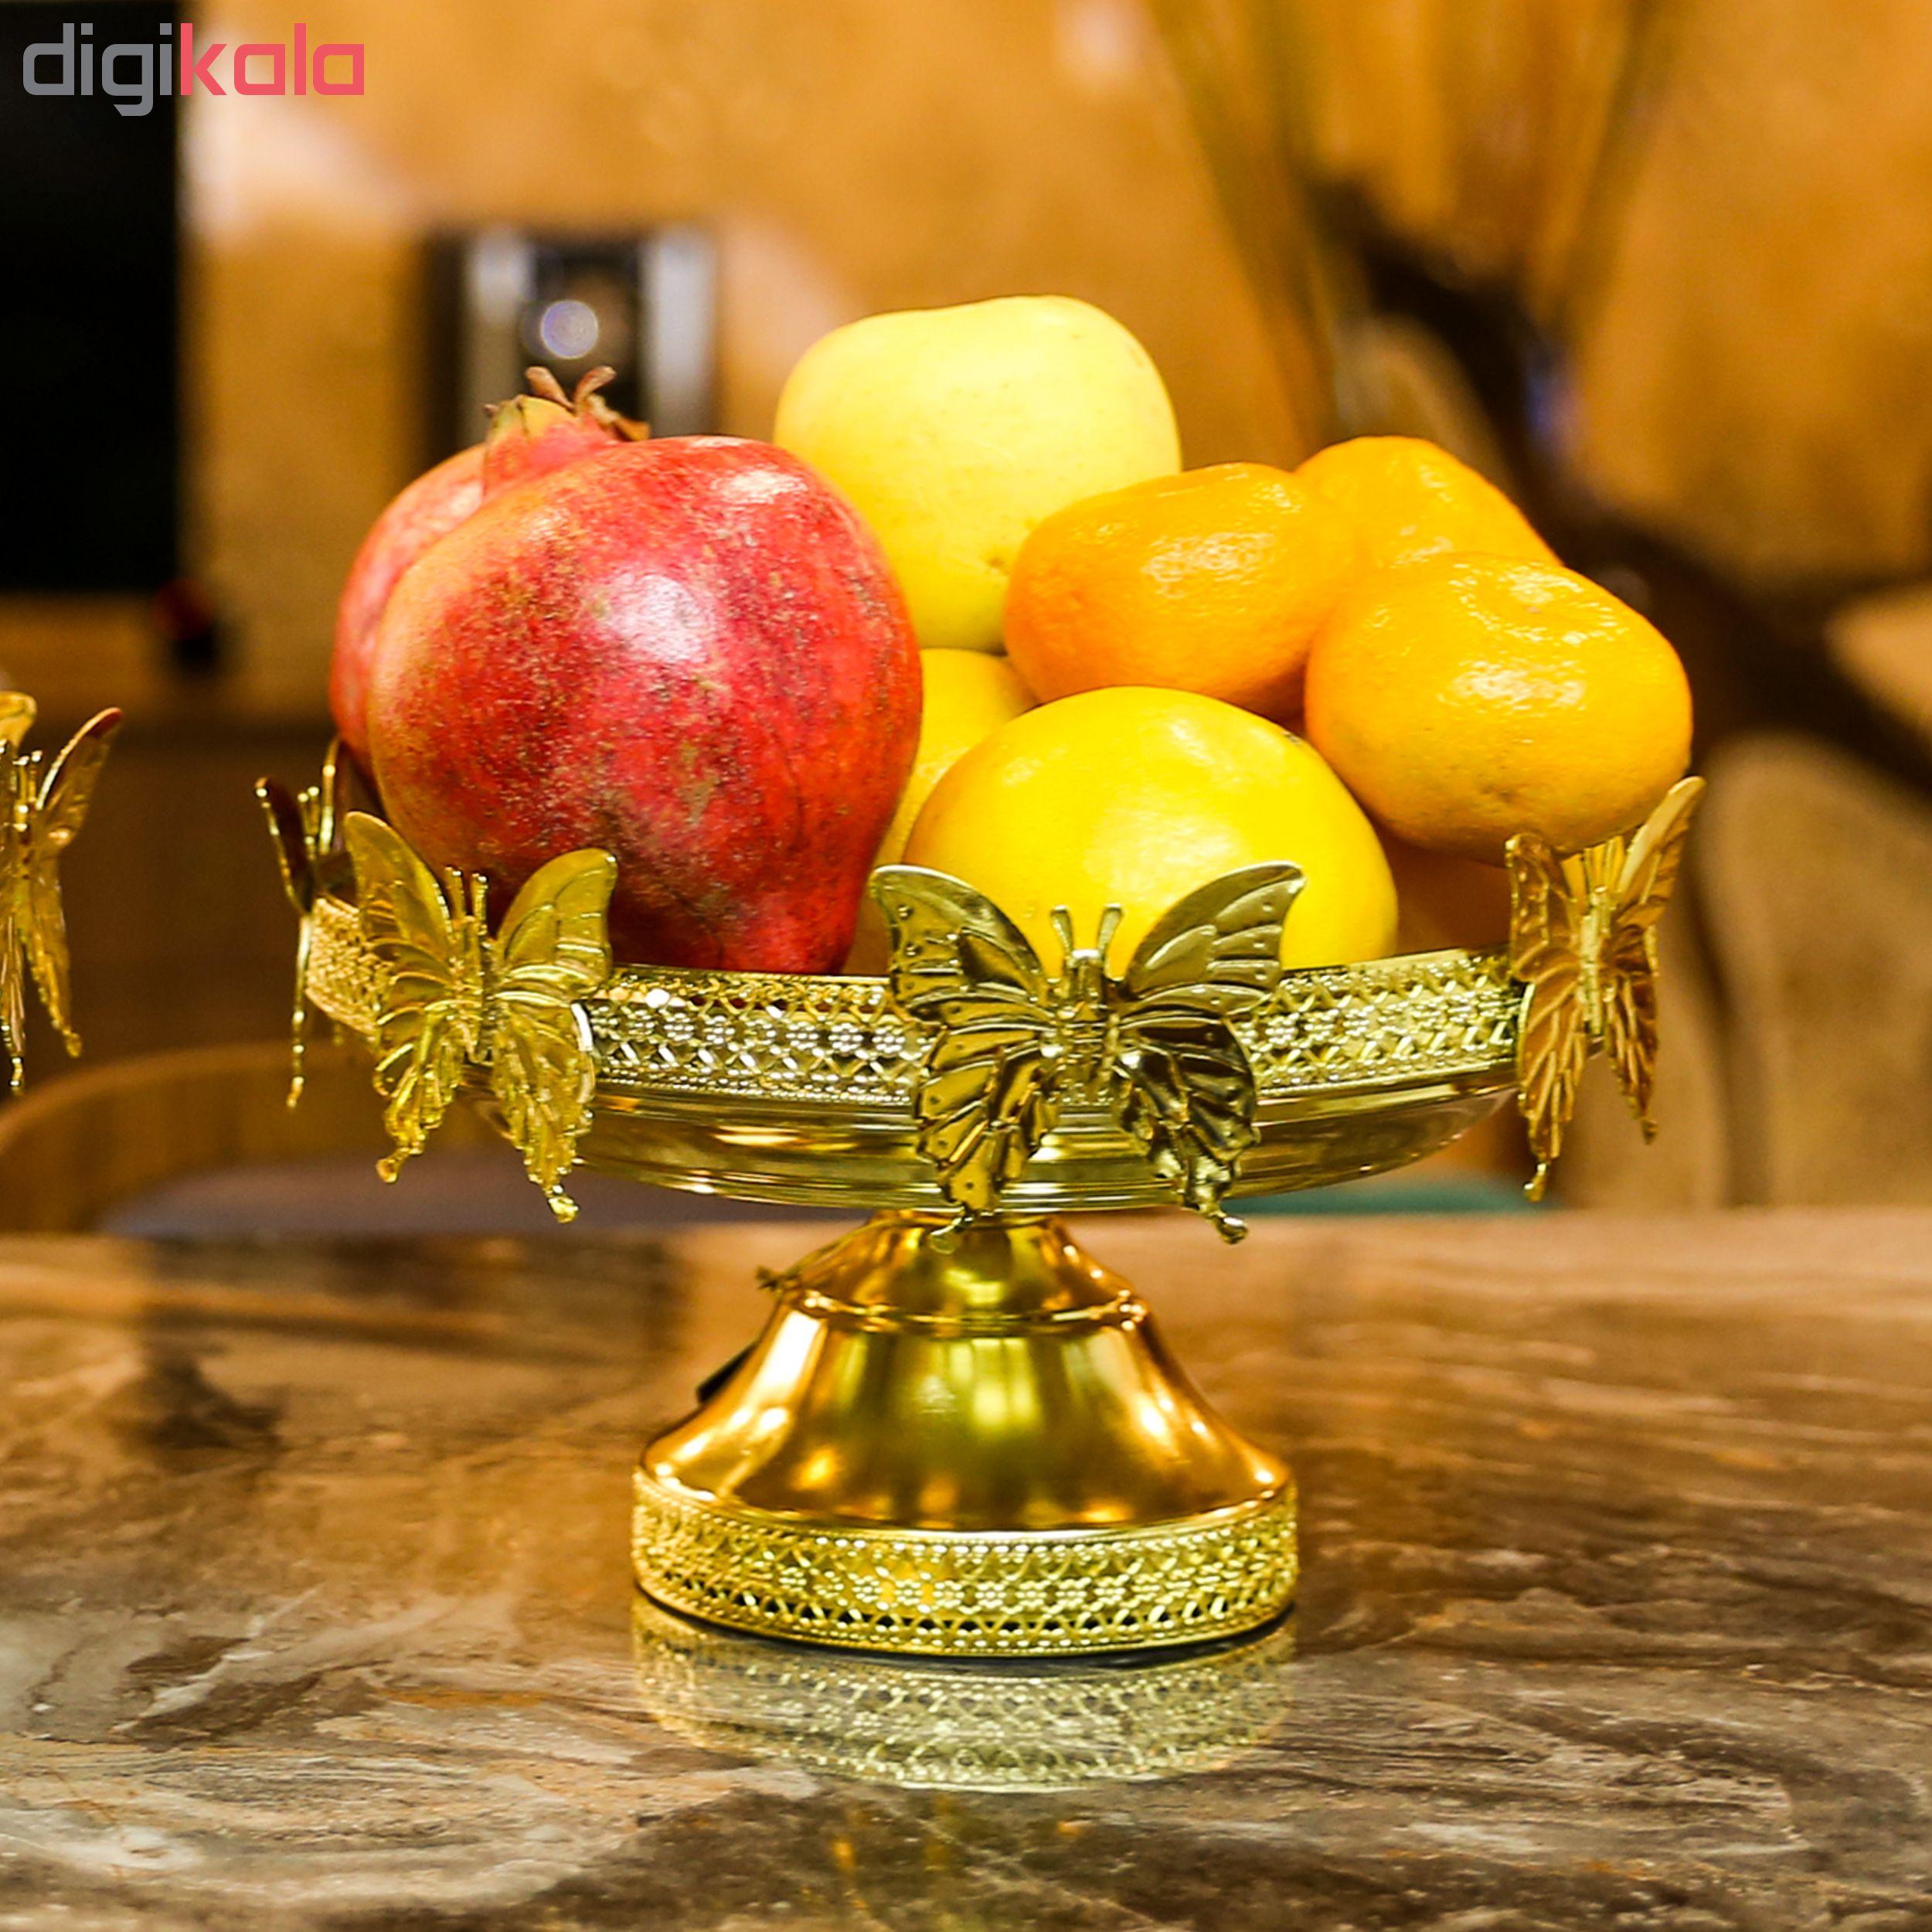 میوه خوری مدل GO02BUTS